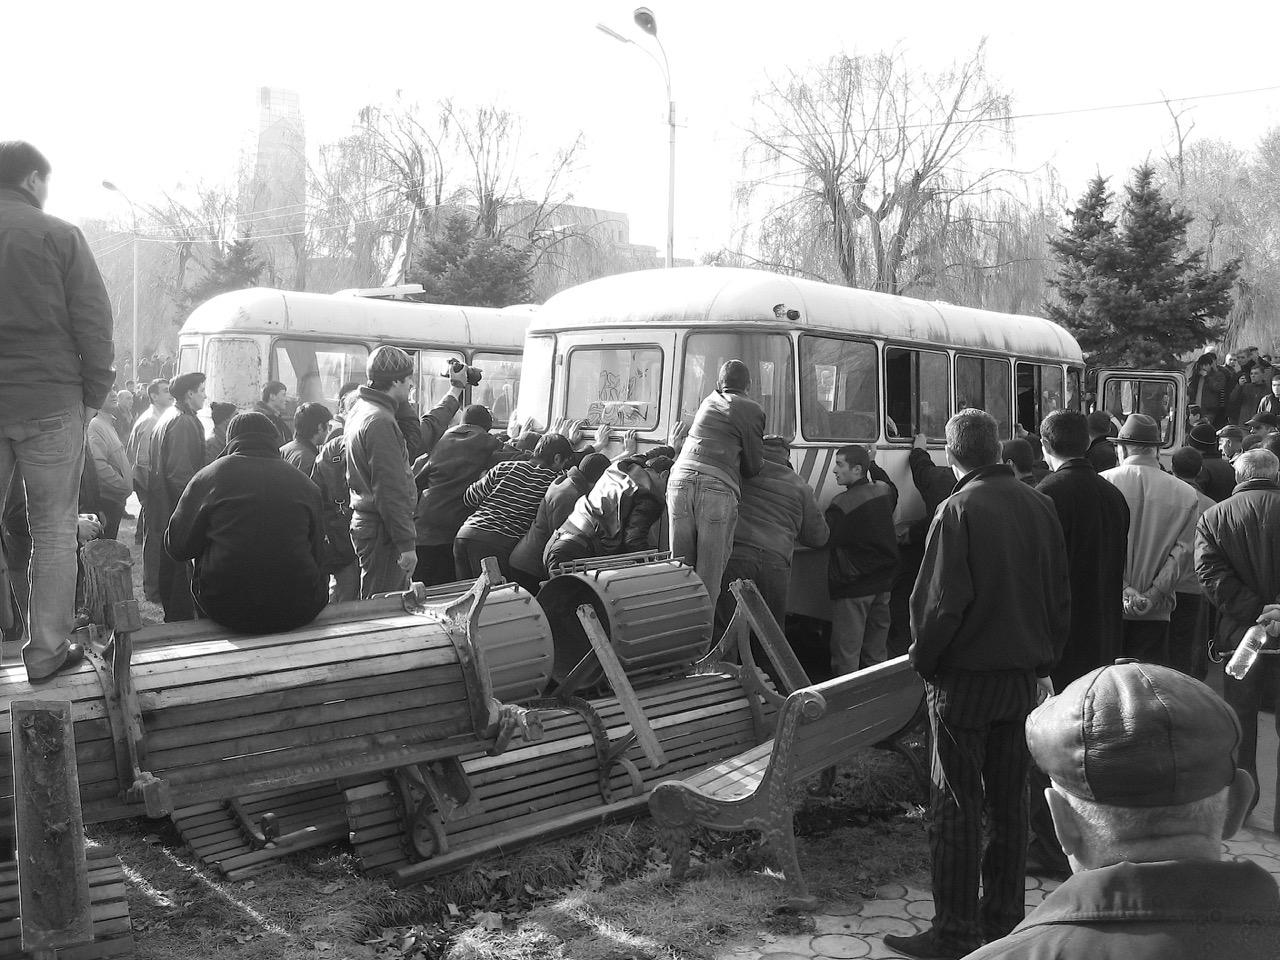 Foto: Barrikadenbau. Aus: Eriwan. Kapitel 3. Aufzeichnungen aus Armenien von Marc Degens.